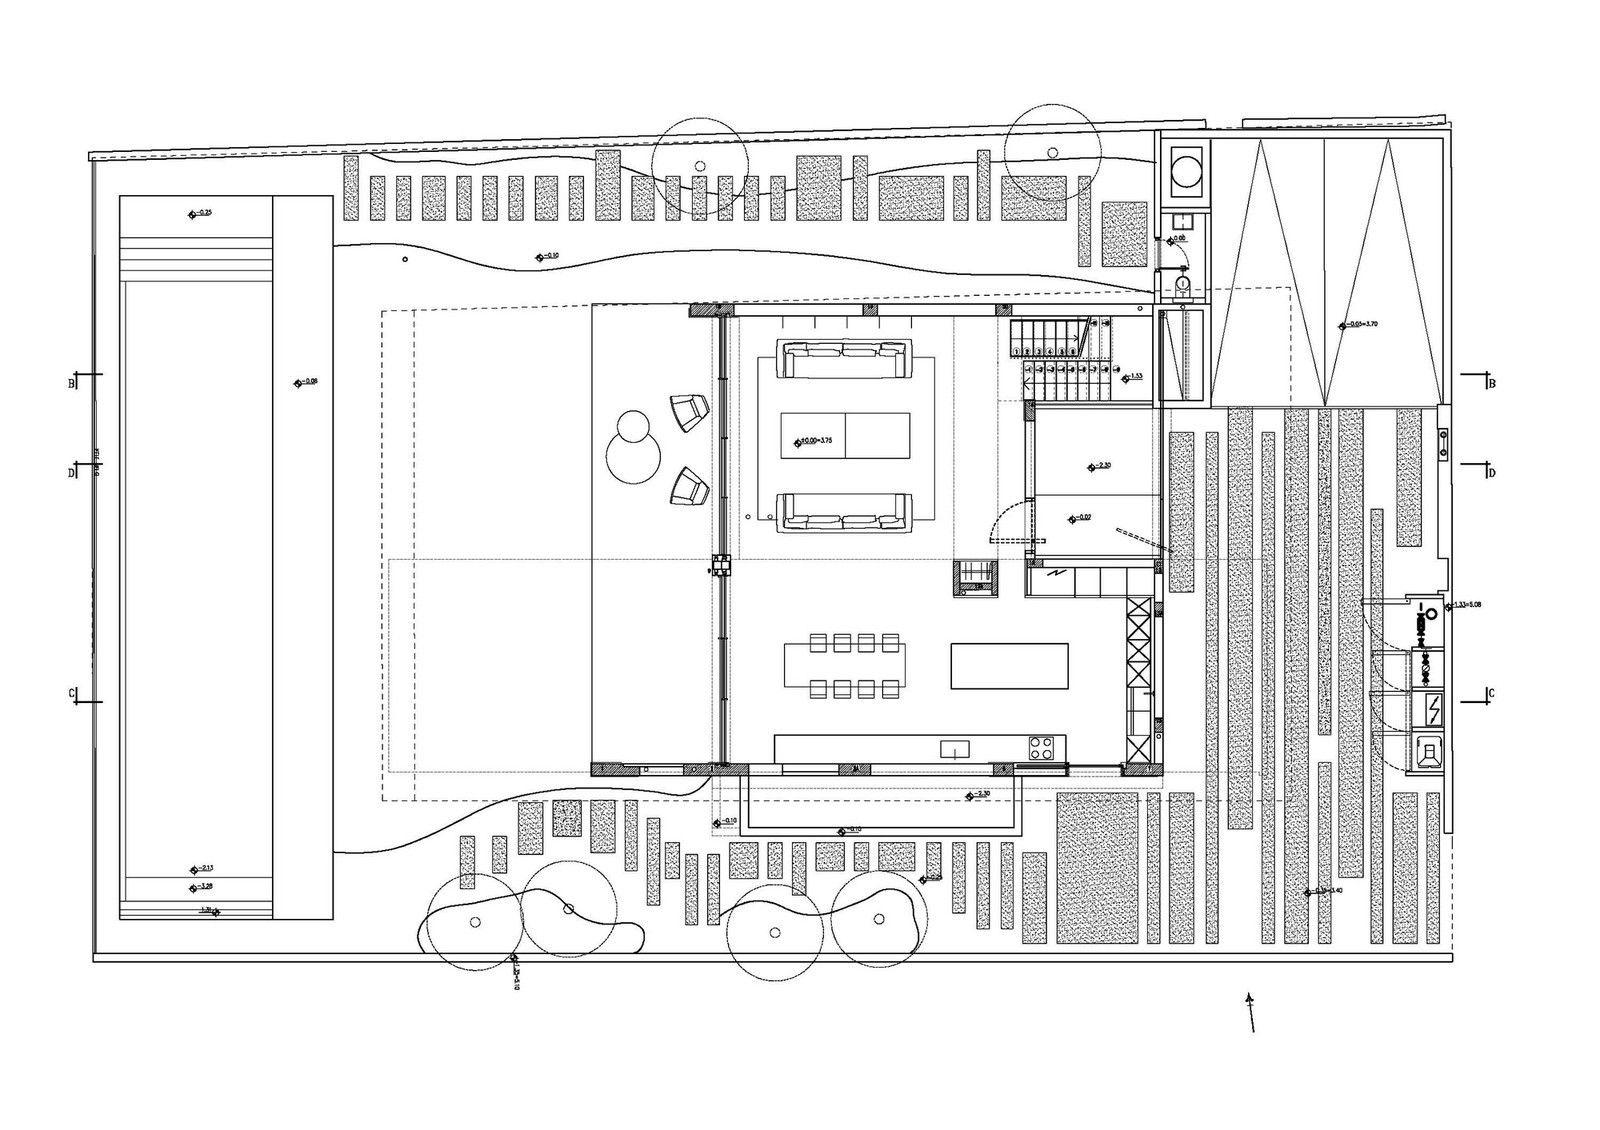 Проектное бюро Pitsou Kedem Architects представило особняк на берегу Средиземного моря в Шавей-Цион, Израиль. Резиденция площадью 280 квадратных метров выполнена в современном стиле, а в её дизайне нашла отражение игра яркого солнца, синего моря и длинной линии бескрайнего горизонта. Западные тен...